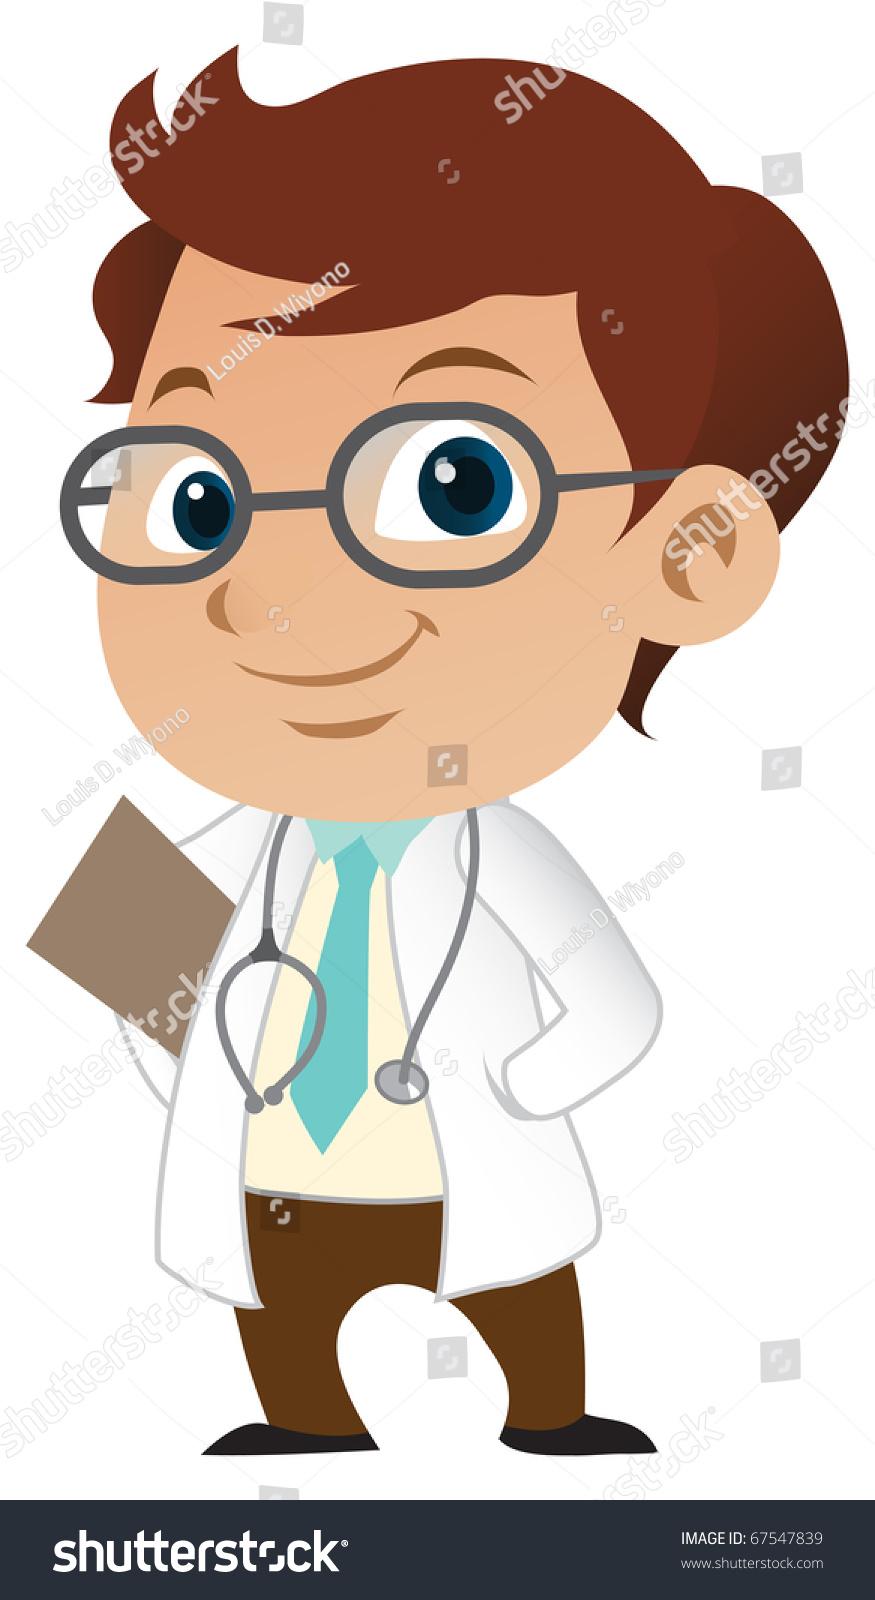 可爱的小男医生